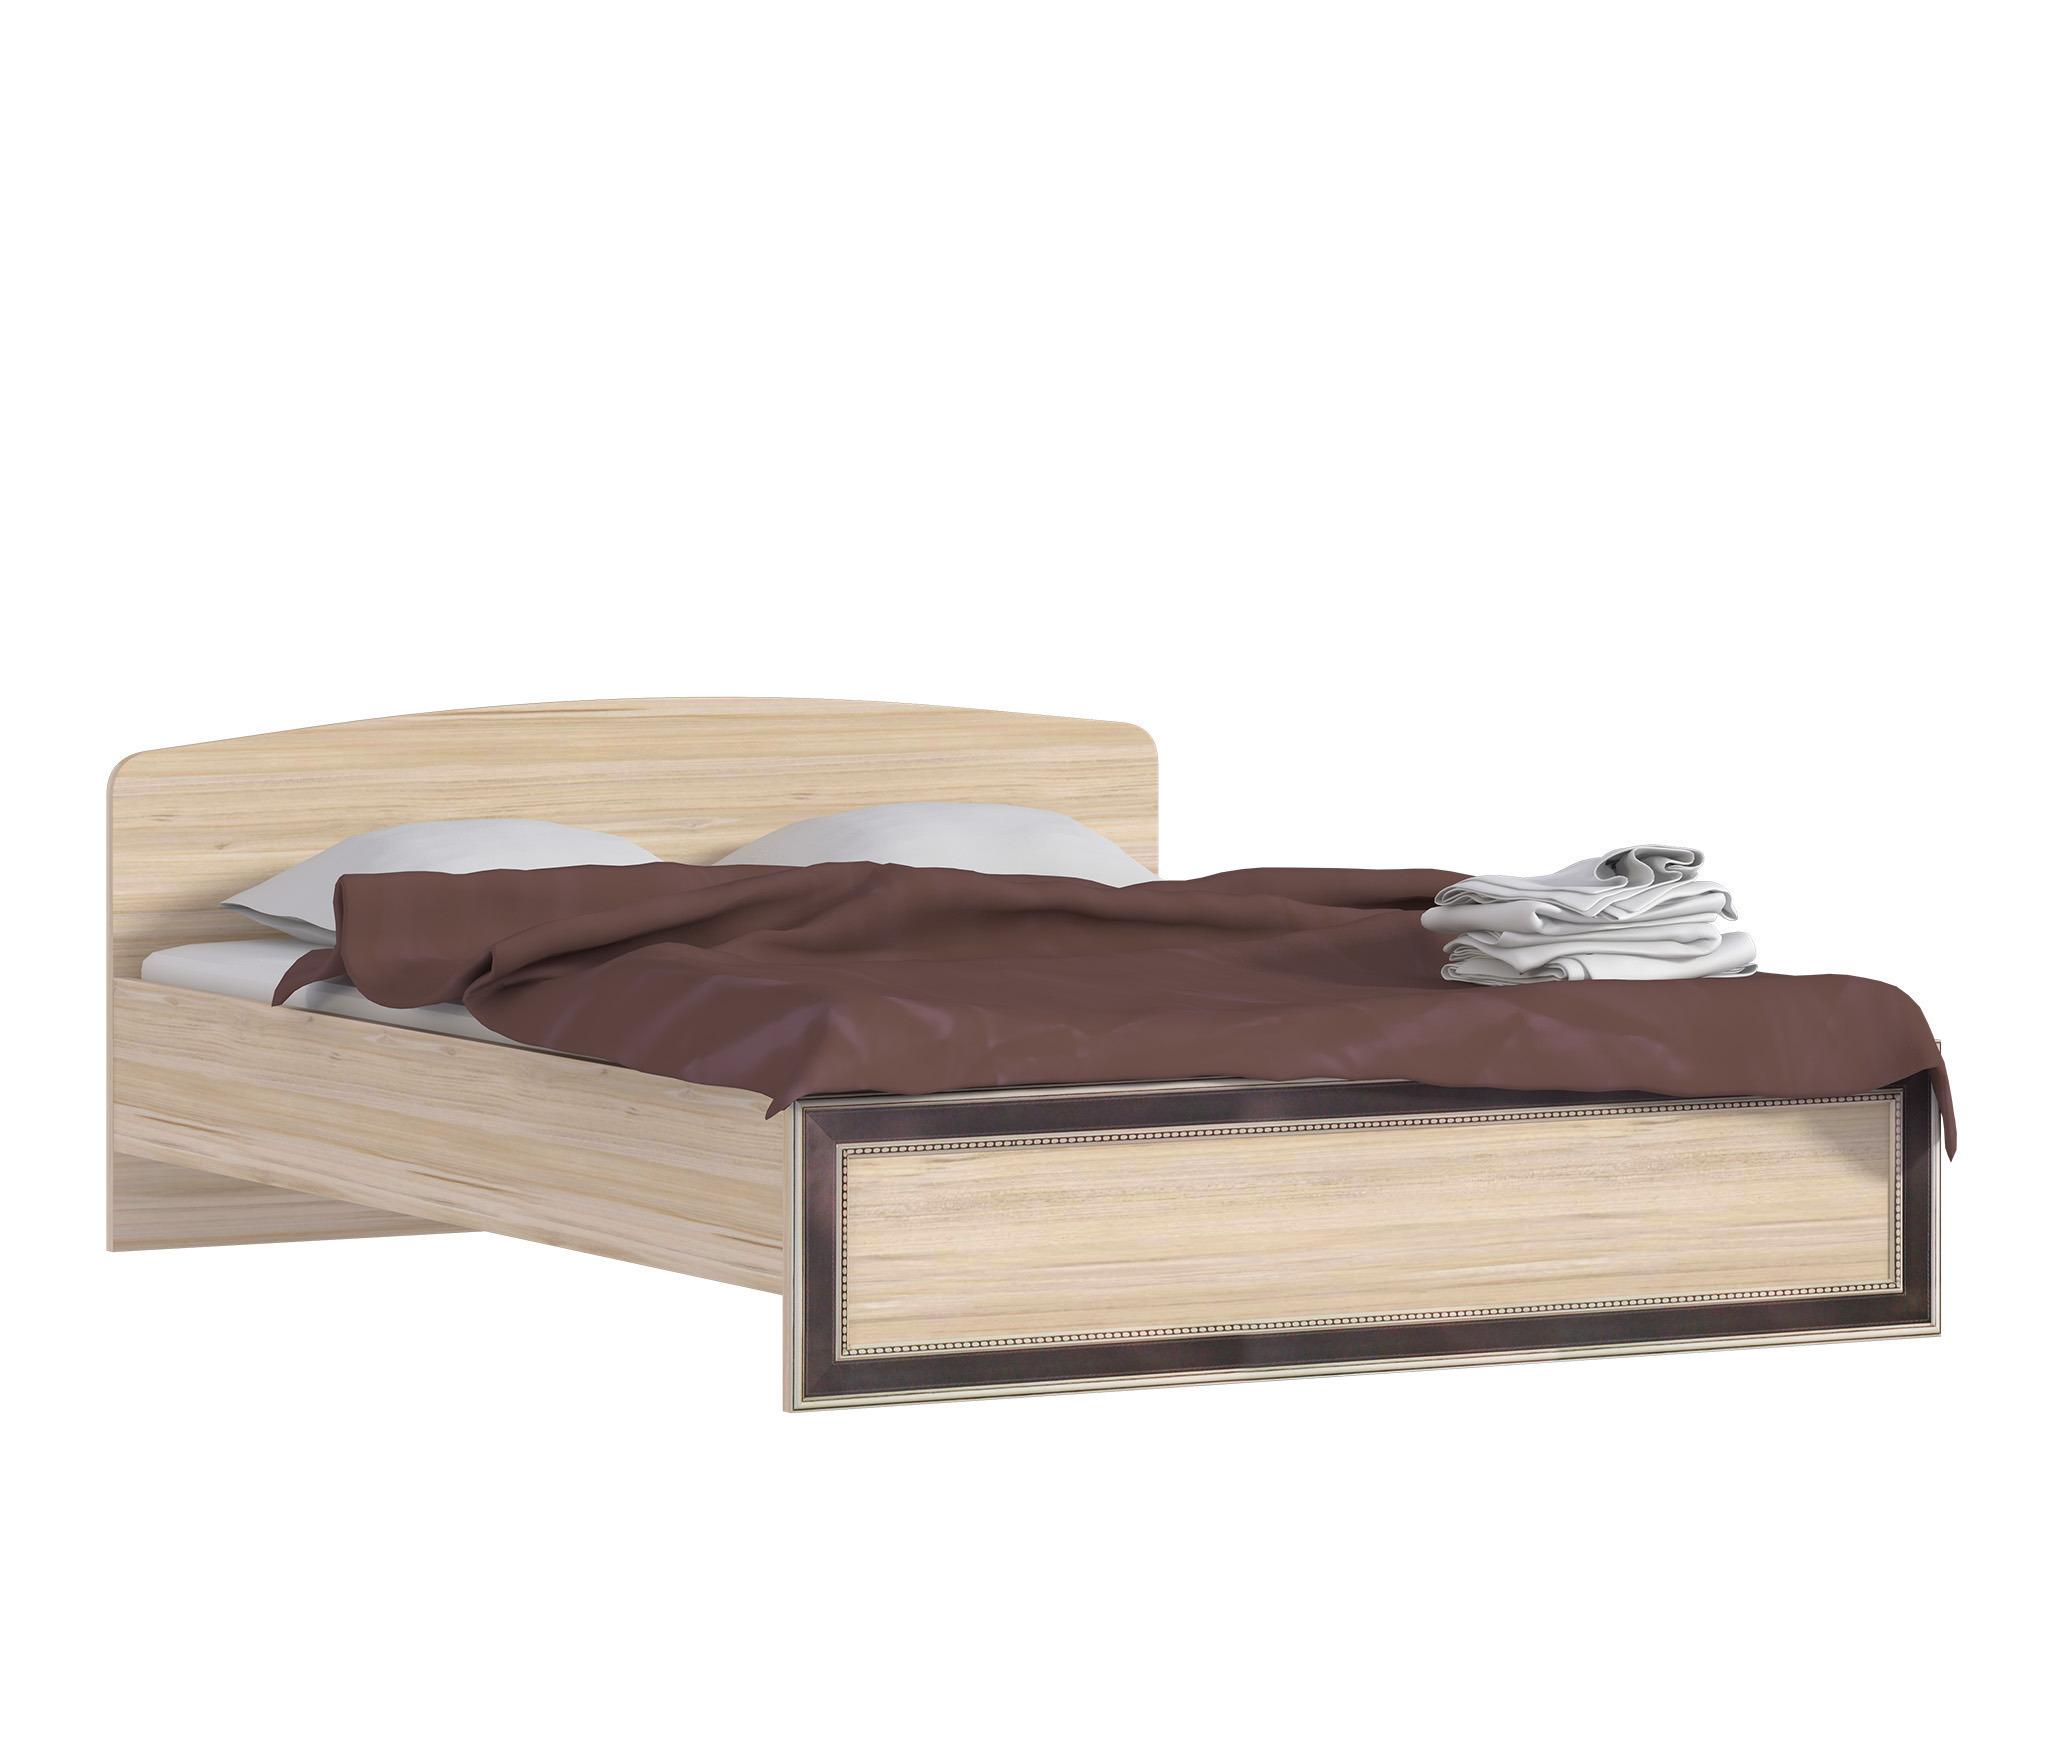 Персей СБ-2273 Кровать 1600Кровати<br>Персей СБ-2273    это кровать универсальна. Благодаря интересному дизайну кровать цвета «Слива Табеа» займет достойное место в любой спальне. Высокое изголовье, строгий короб, оригинально украшенный фасад (изящная контрастная рамка по периметру). Вроде не придумано ничего нового, но как свежо смотрится. А если учесть, что при изготовлении использовали только высокосортные материалы и фурнитуру, начинаешь понимать, что роскошь не в обилии вычурных деталей, она в гармоничной простоте. Самое главное, купив такую стильную модель, не ошибиться с выбором ортопедического матраса, чтобы кровать радовала не только взор, но и спину.&#13;Ортопедическое основание и матрас приобретается отдельно.<br><br>Длина мм: 1658<br>Высота мм: 754<br>Глубина мм: 2064<br>Ширина спального места: 1600<br>Длина спального места: 2000<br>Особенности: Двухспальная<br>Матрас в комплекте: Нет